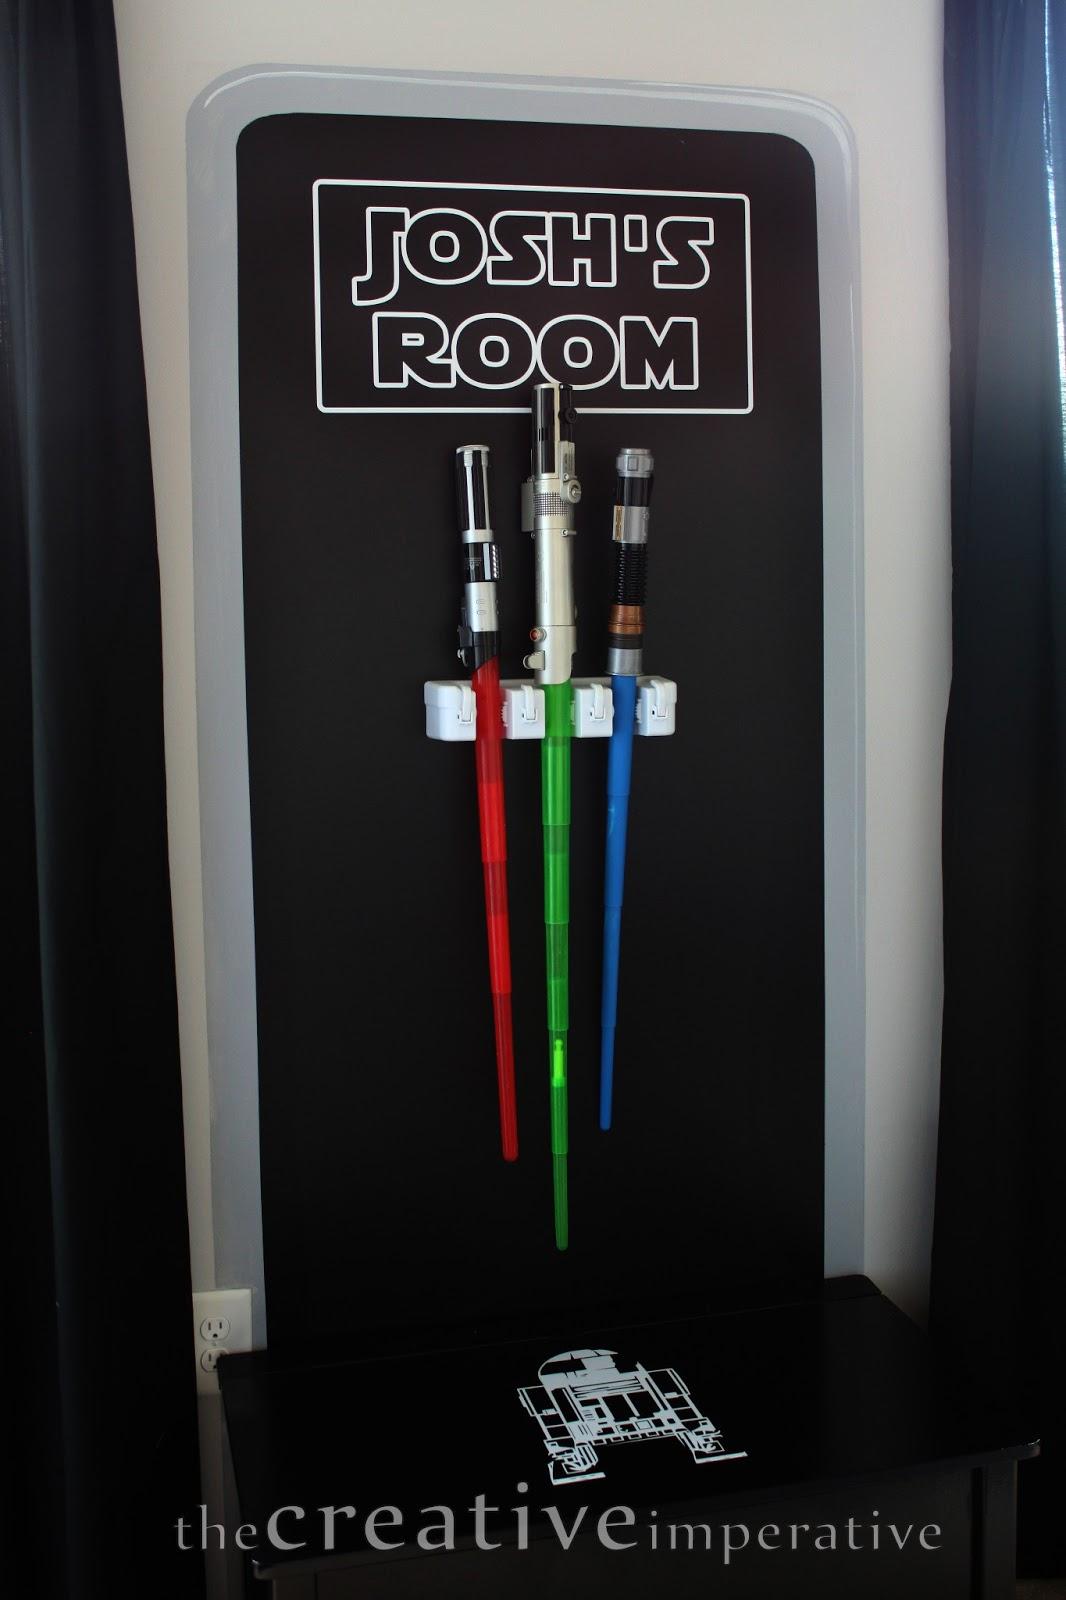 #207D26 The Creative Imperative: Star Wars Bedroom Reveal 5515 decorations de noel star wars 1066x1600 px @ aertt.com